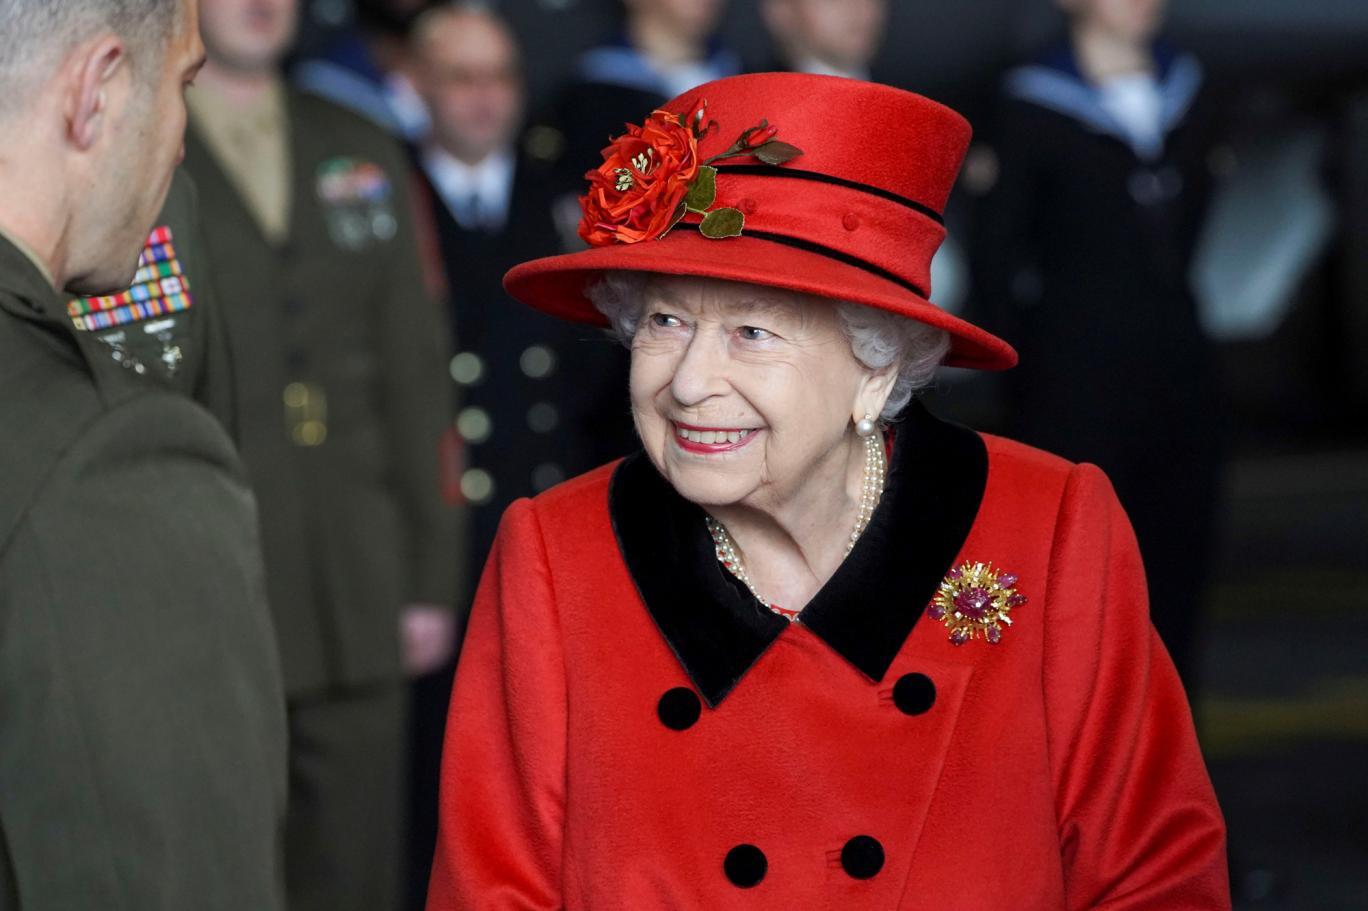 Oxford Üniversitesi öğrencileri, Kraliçe Elizabeth'in portresini okuldan kaldırdı | Independent Türkçe